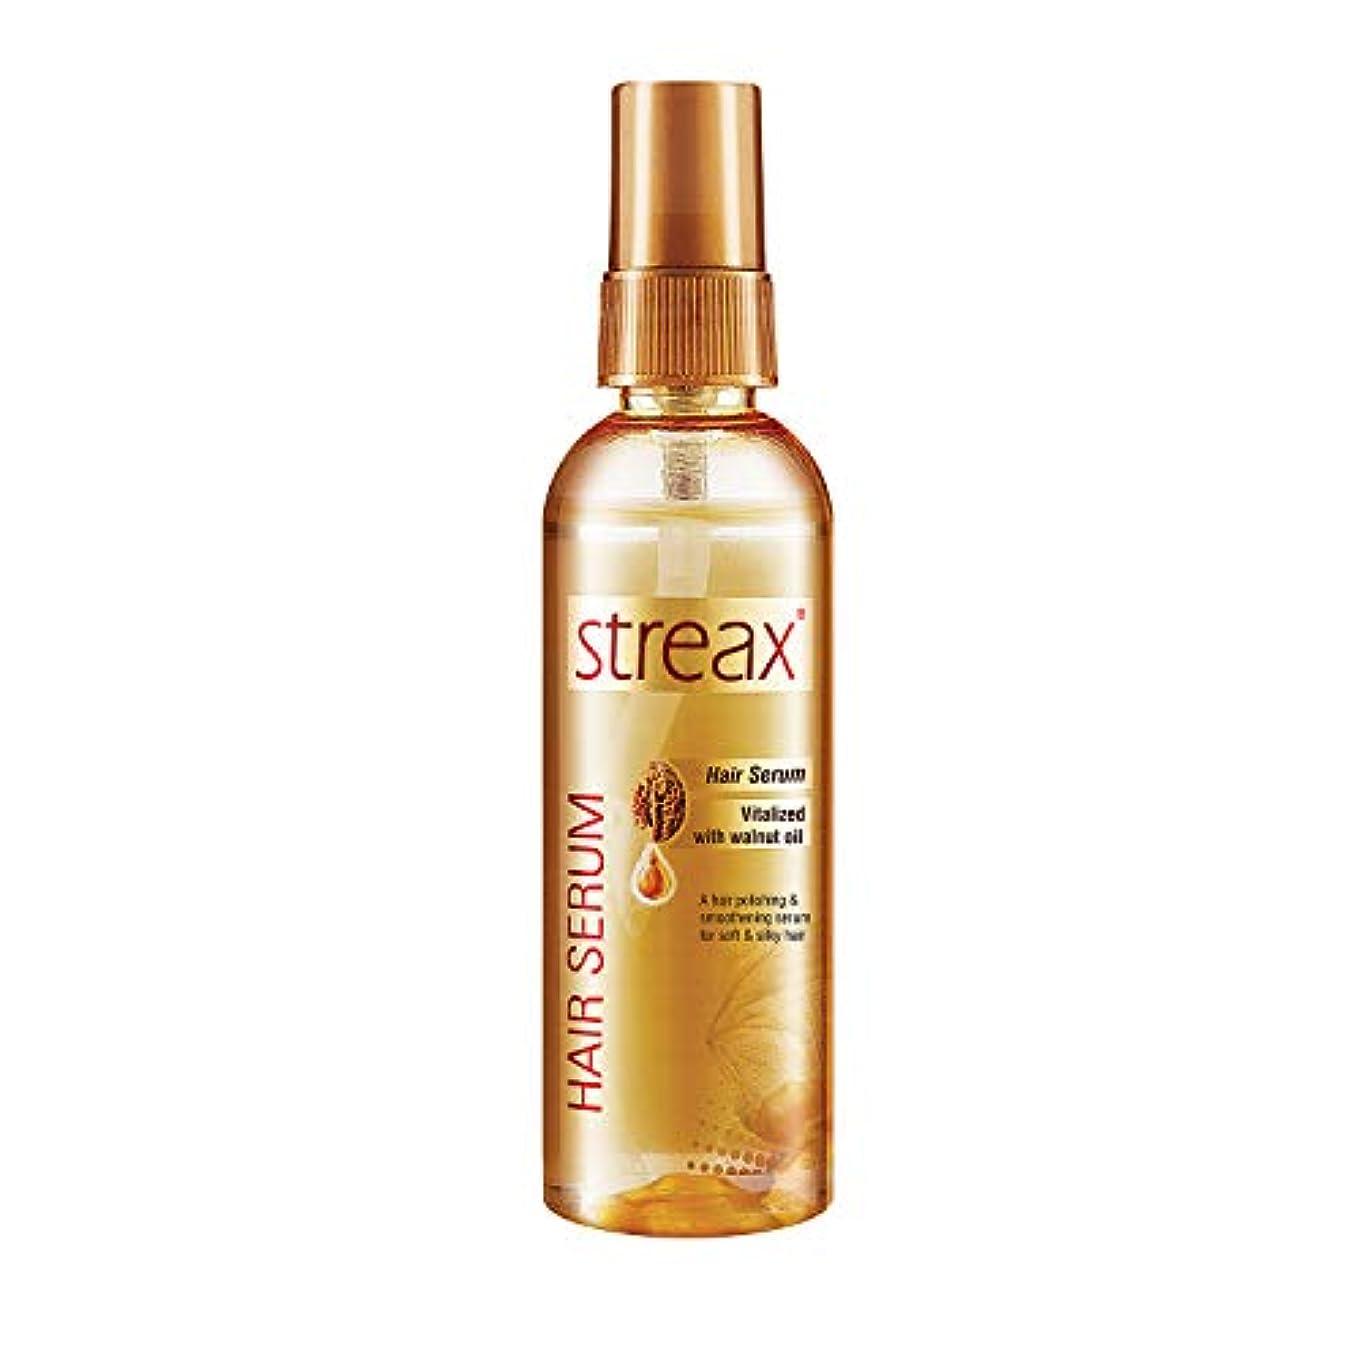 侵略側音声学クルミオイルで強化しStreax髪血清は縮れフリーサテンスムースヘア100ミリリットルを提供します( 3.5オンス)Streax Hair Serum Enriched with Walnut Oil Gives Frizz-free...